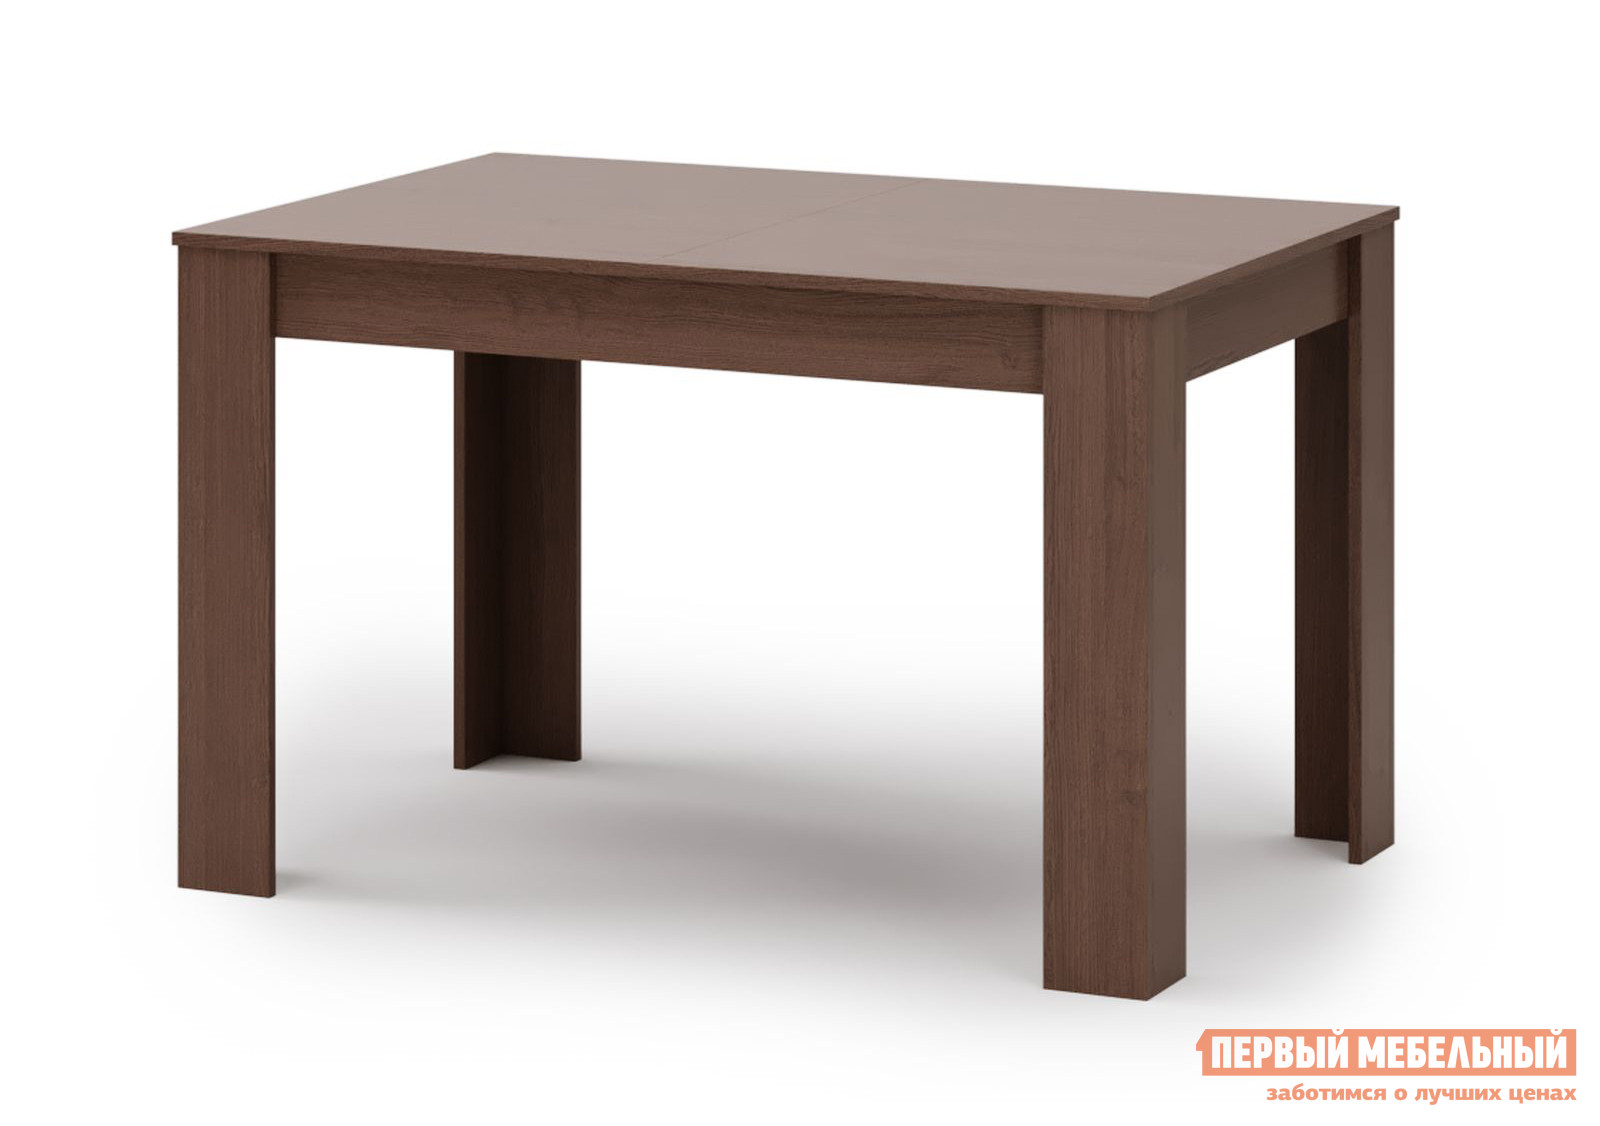 Обеденный стол Первый Мебельный Обеденный стол Джастин 2